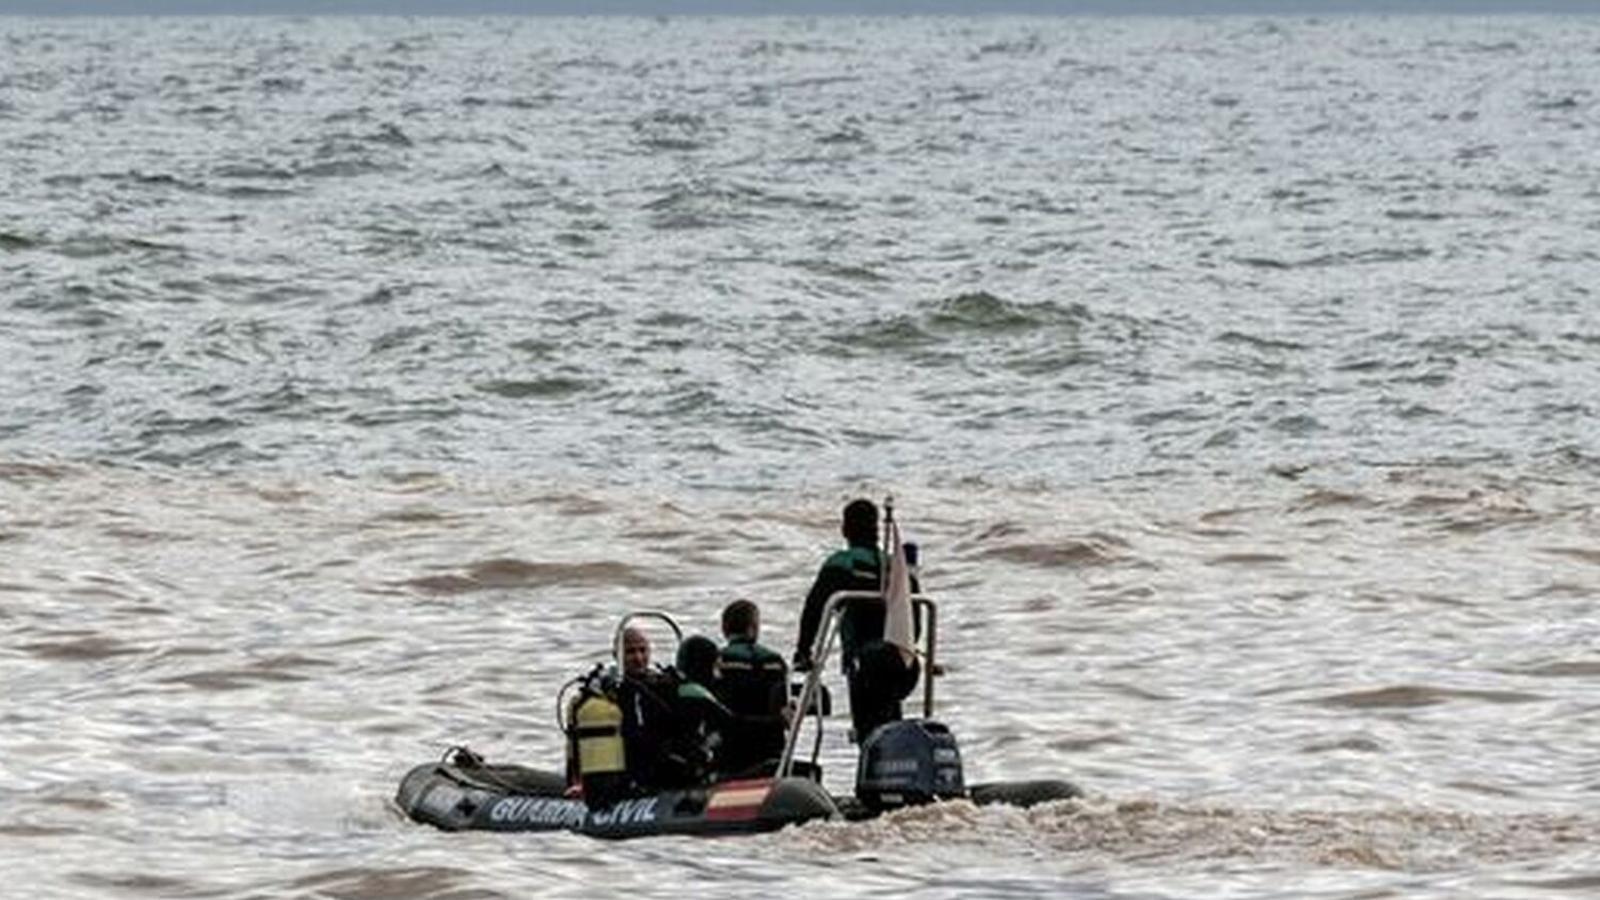 L'Ajuntament d'Andratx proposa posar el nom de Fernando Garfella a la Reserva Marina del Freu